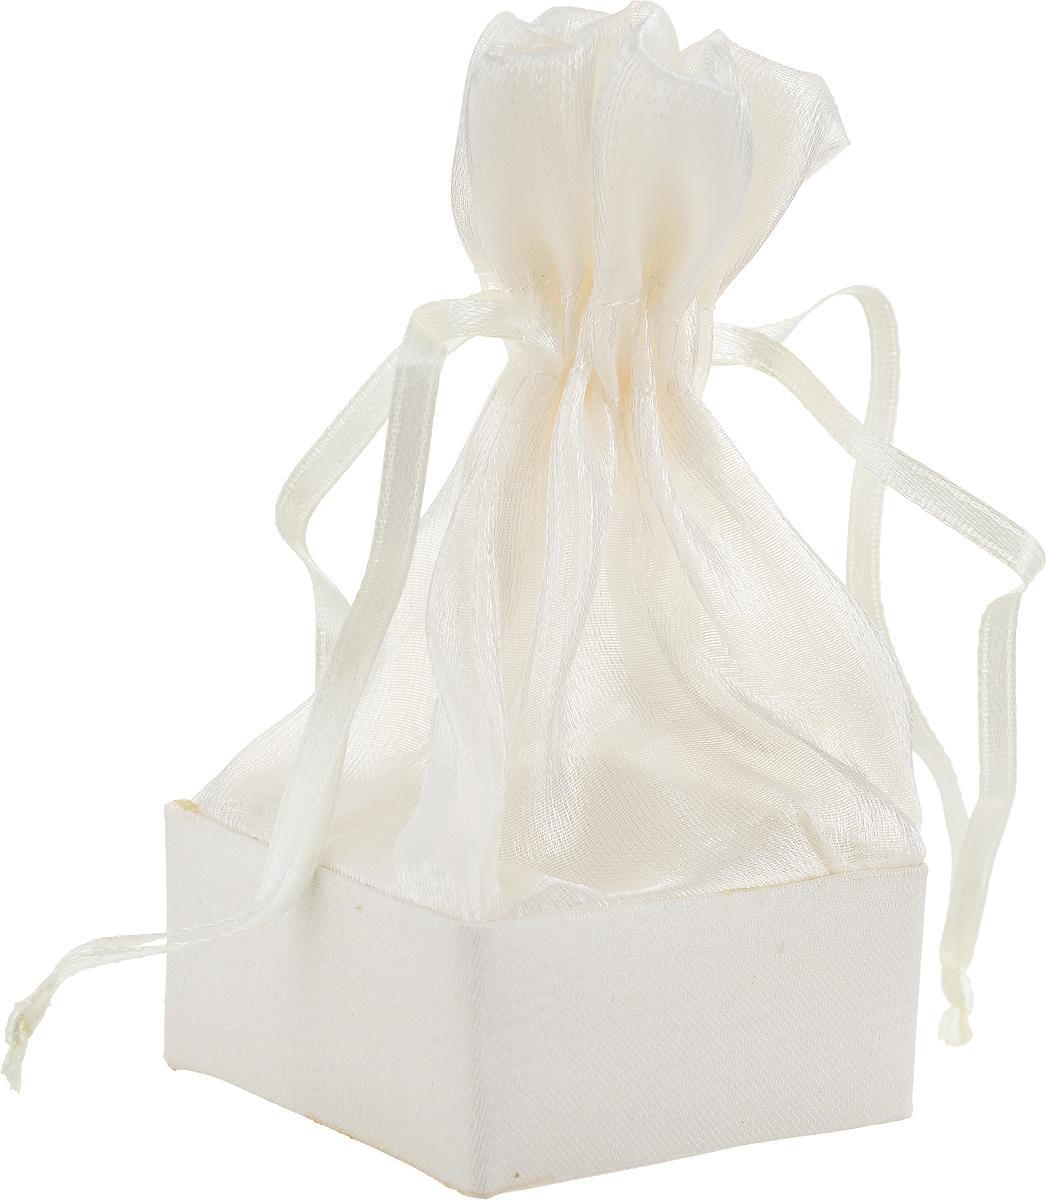 Коробочка для подарка Piovaccari Тиффани, цвет: кремовый, 5 х 5 х 11 см1898XP 02Коробочка для подарка Piovaccari Тиффани выполнена в виде мешочка, который затягивается изавязывается лентой. Основание коробки изготовлено из твердого картона и обтянуто органзой. Коробочка Piovaccari Тиффани станет одним из самых оригинальных вариантов упаковки дляподарка. Яркий дизайн будет долго напоминать владельцу о трогательных моментах полученияподарка.